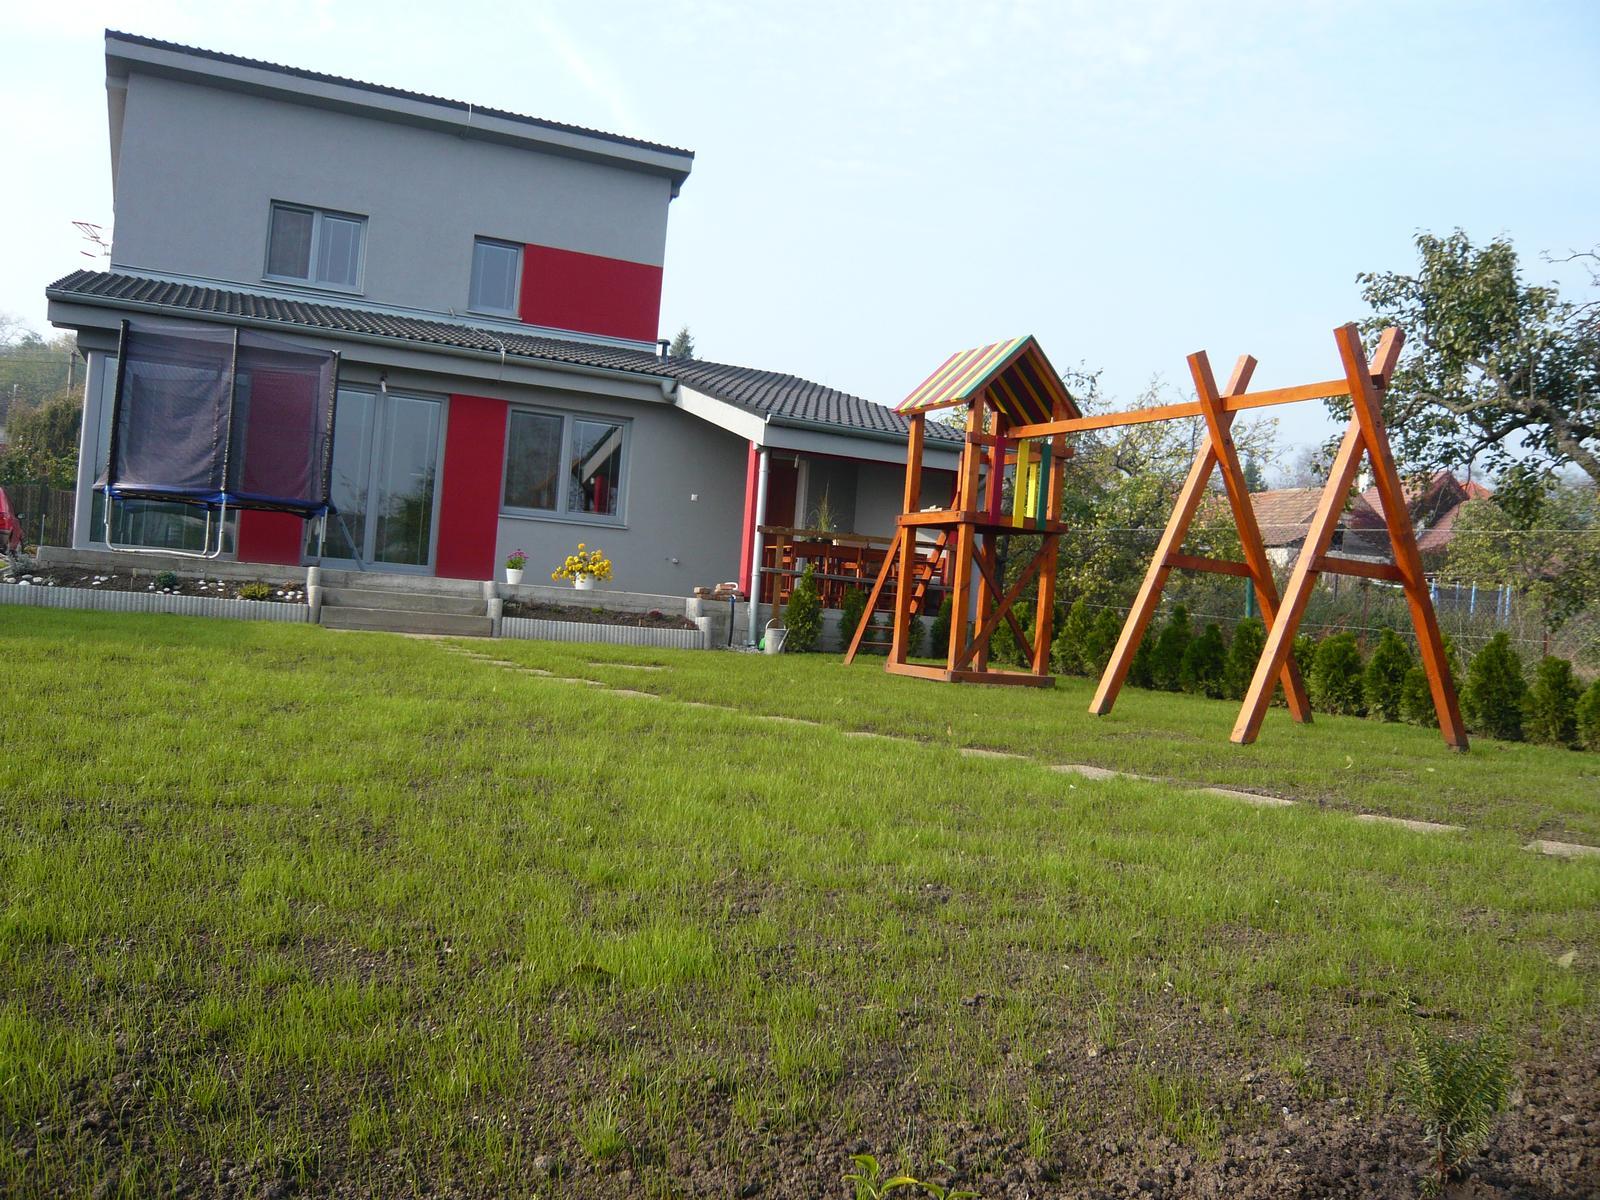 Náš domček2 - Obrázok č. 146